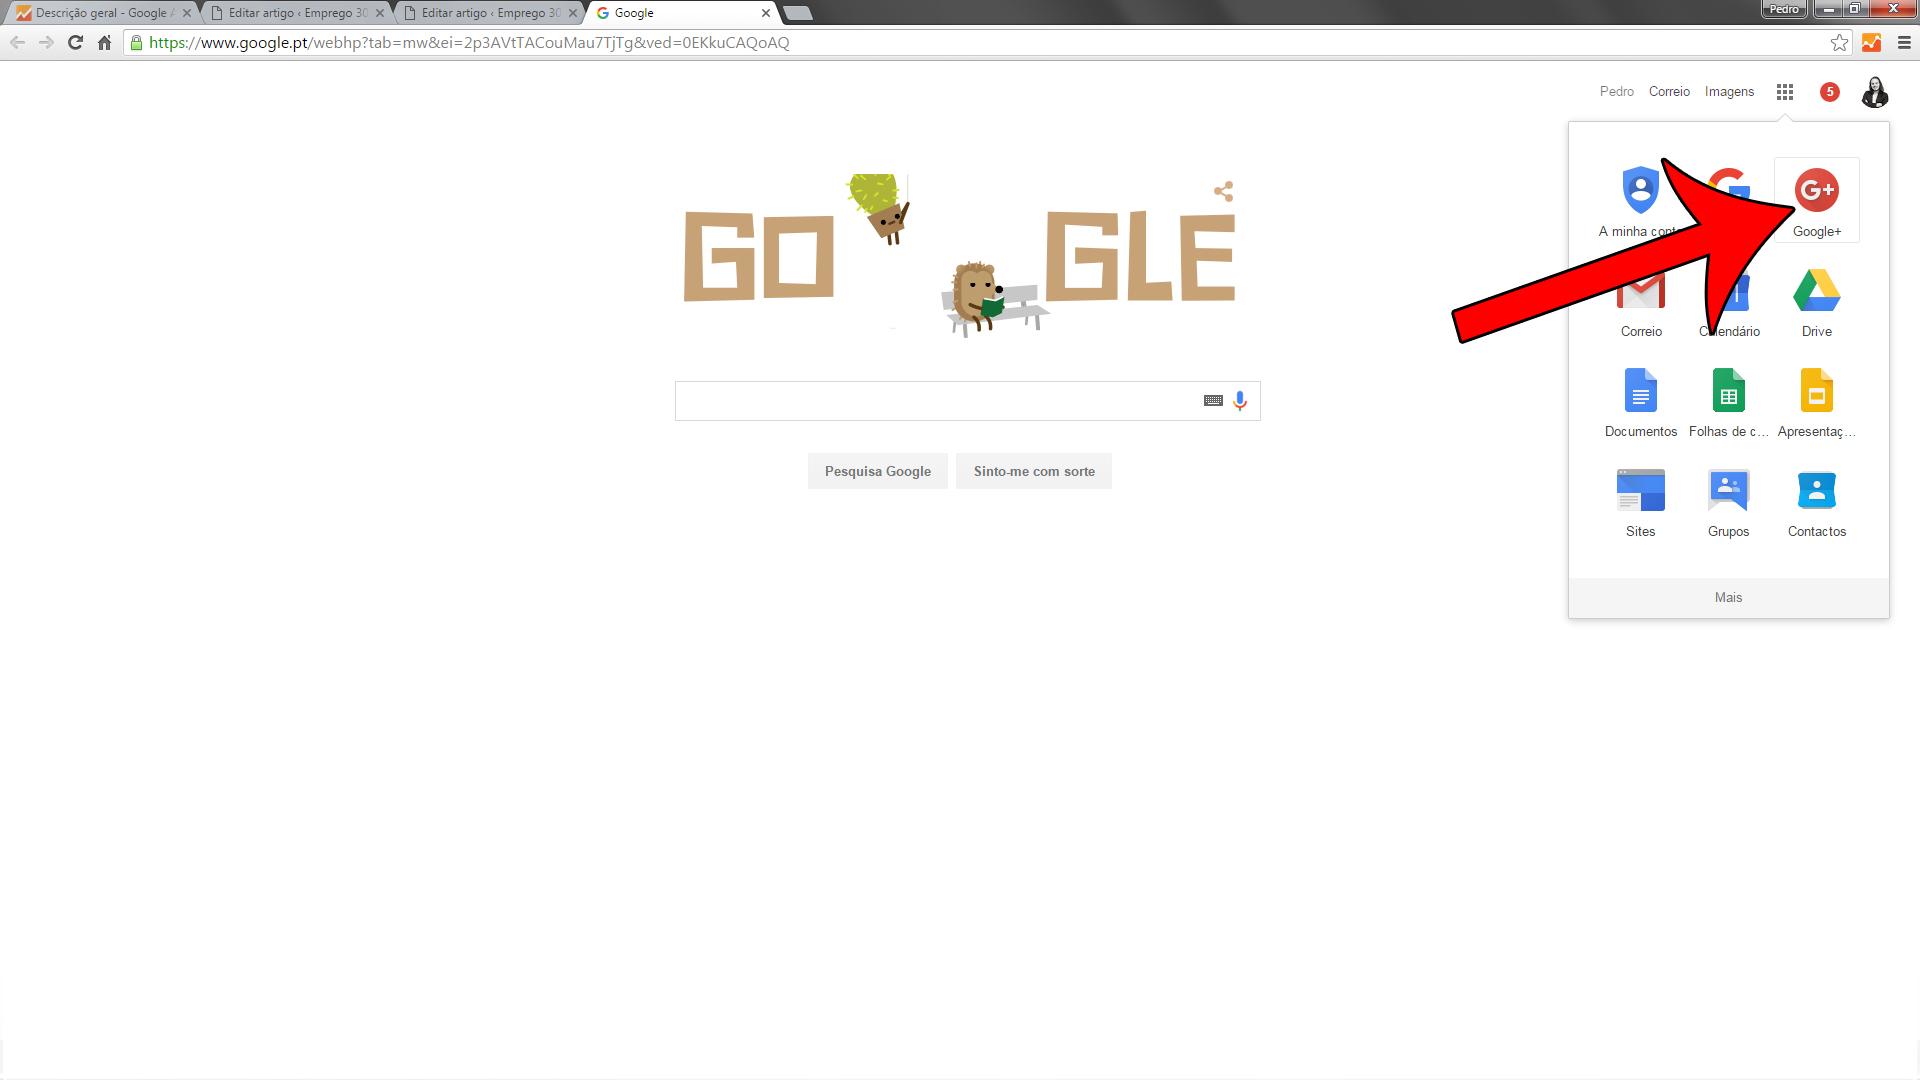 a sua presença no Google+_03